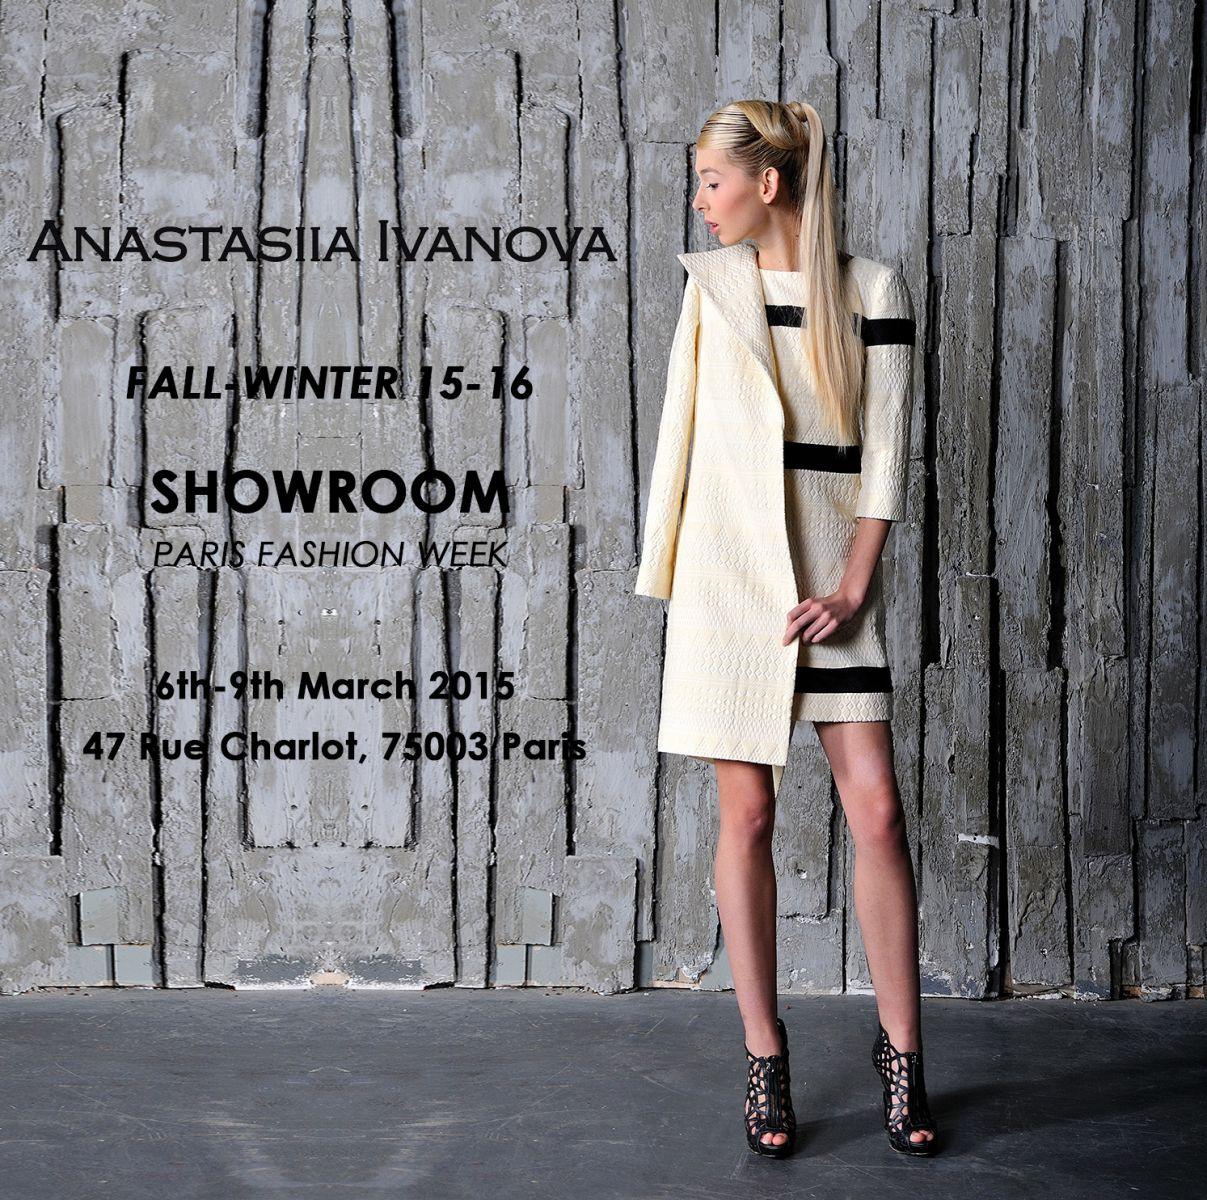 Anastasiia Ivanova